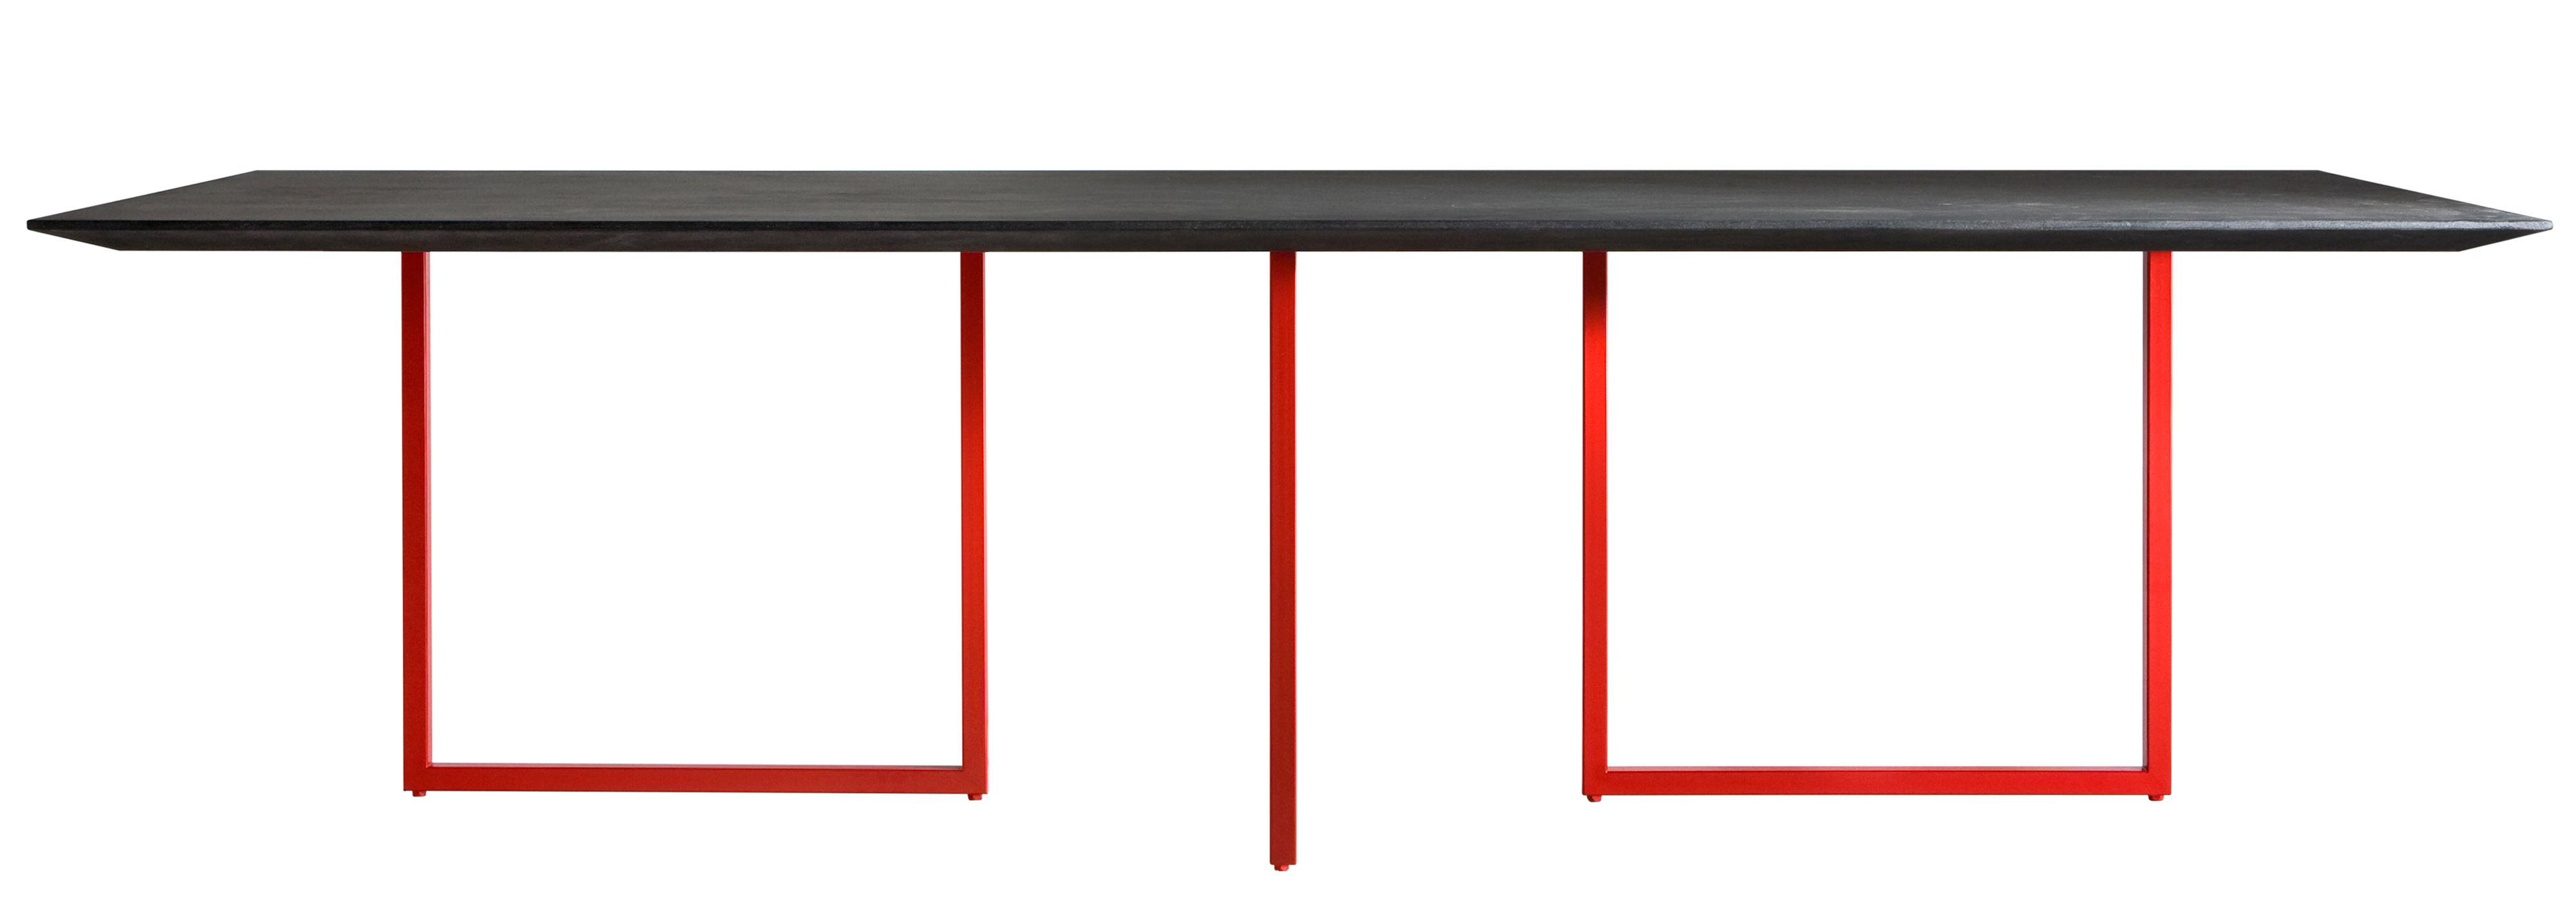 Mobilier - Tables - Table rectangulaire Gazelle / L 210 x 90 cm - Driade - Plateau anthracite / Pied rouge - Acier, Ciment, Laminé, MDF